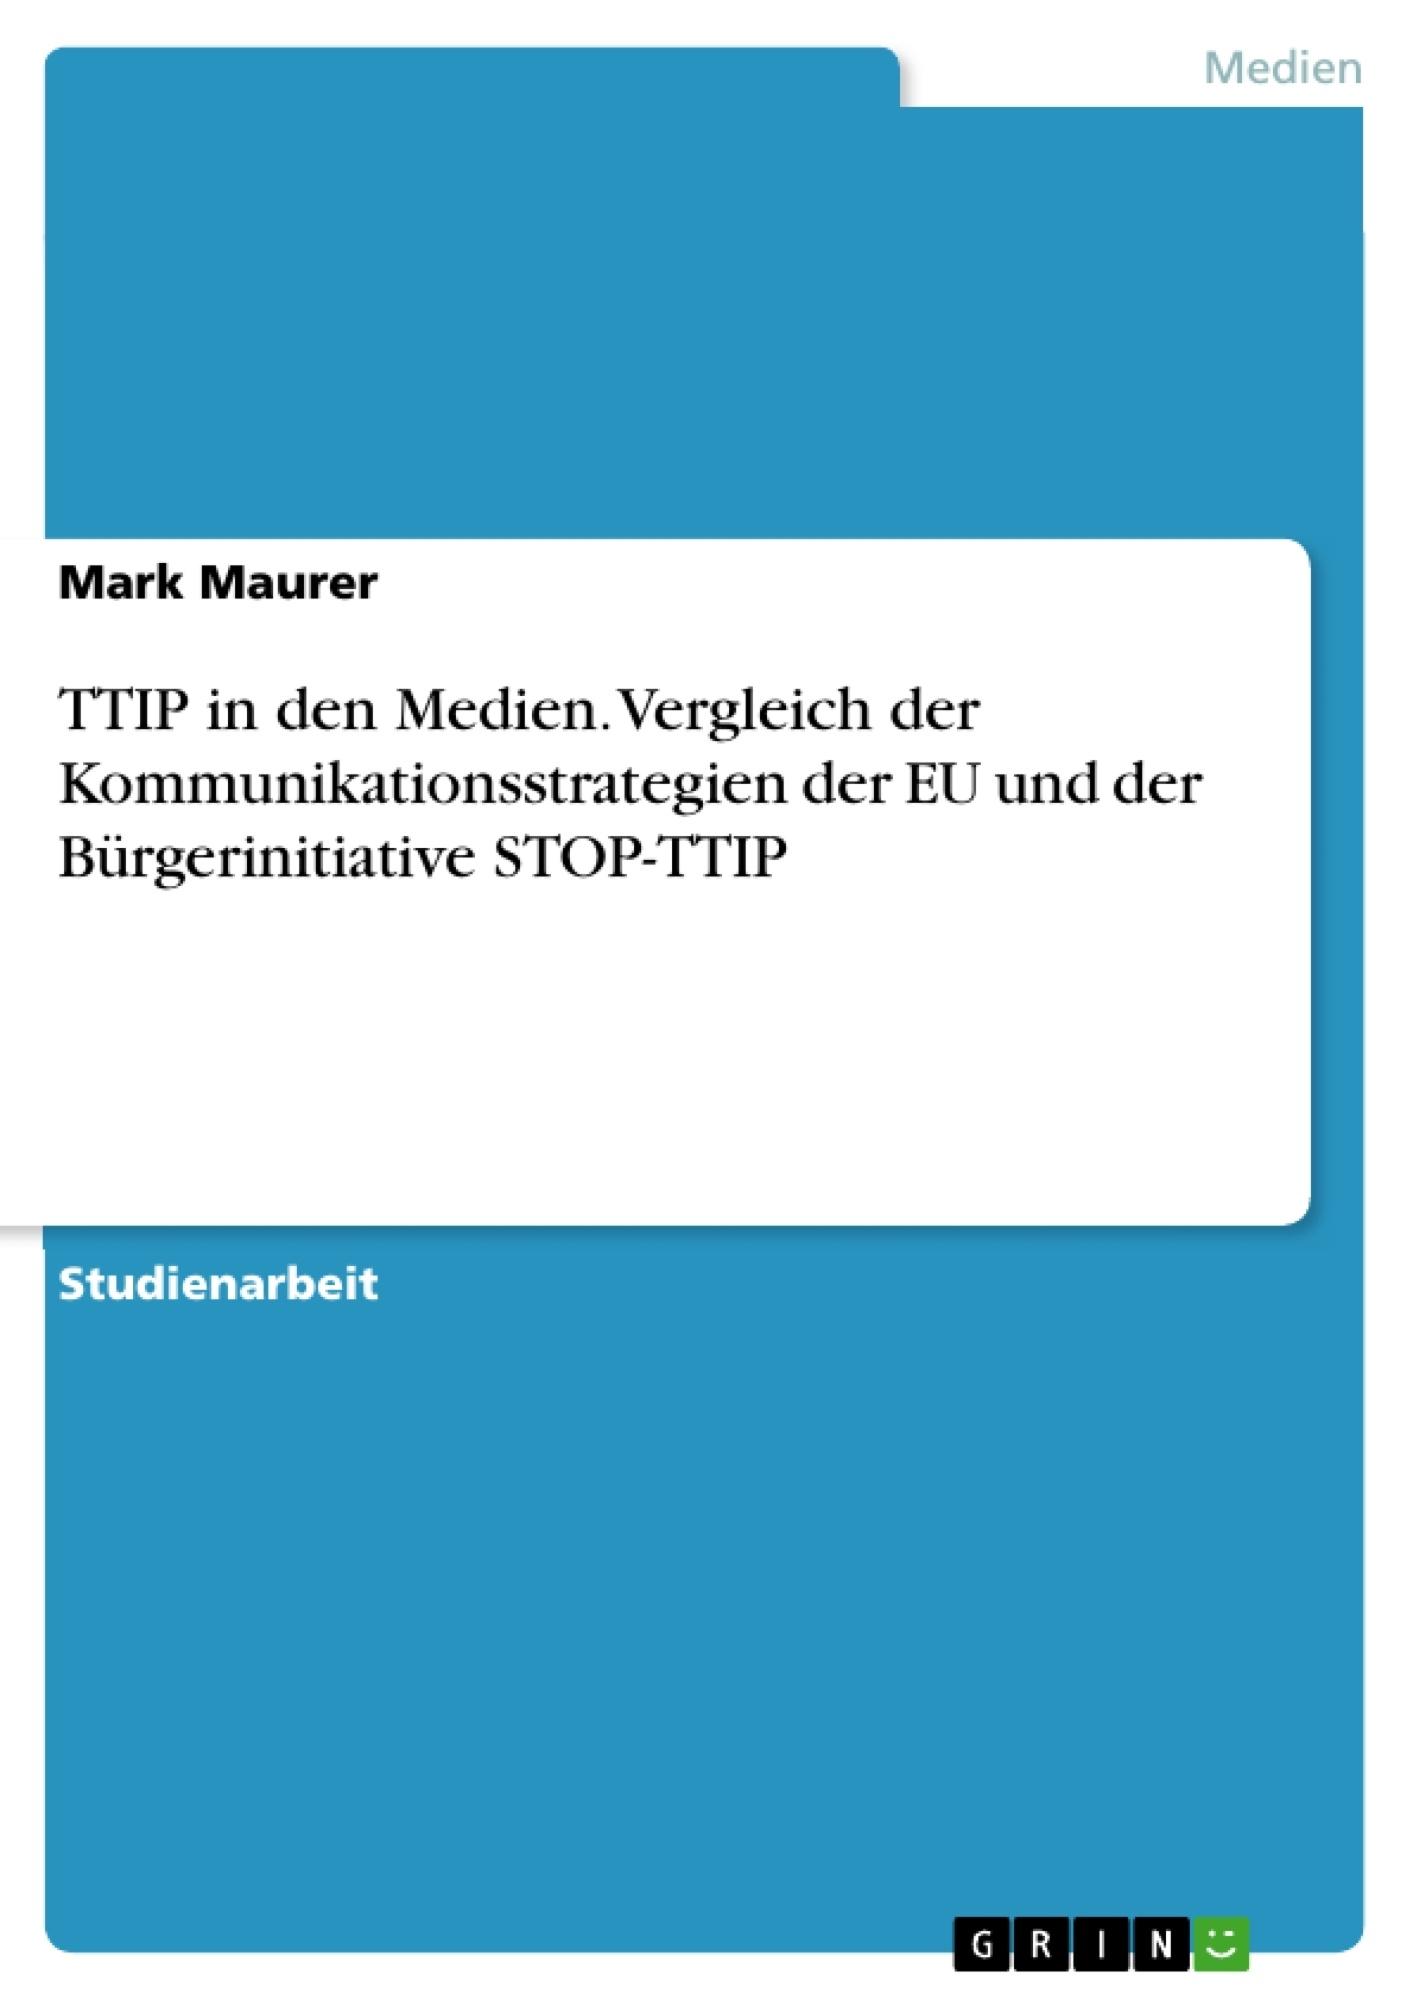 Titel: TTIP in den Medien. Vergleich der Kommunikationsstrategien der EU und der Bürgerinitiative STOP-TTIP